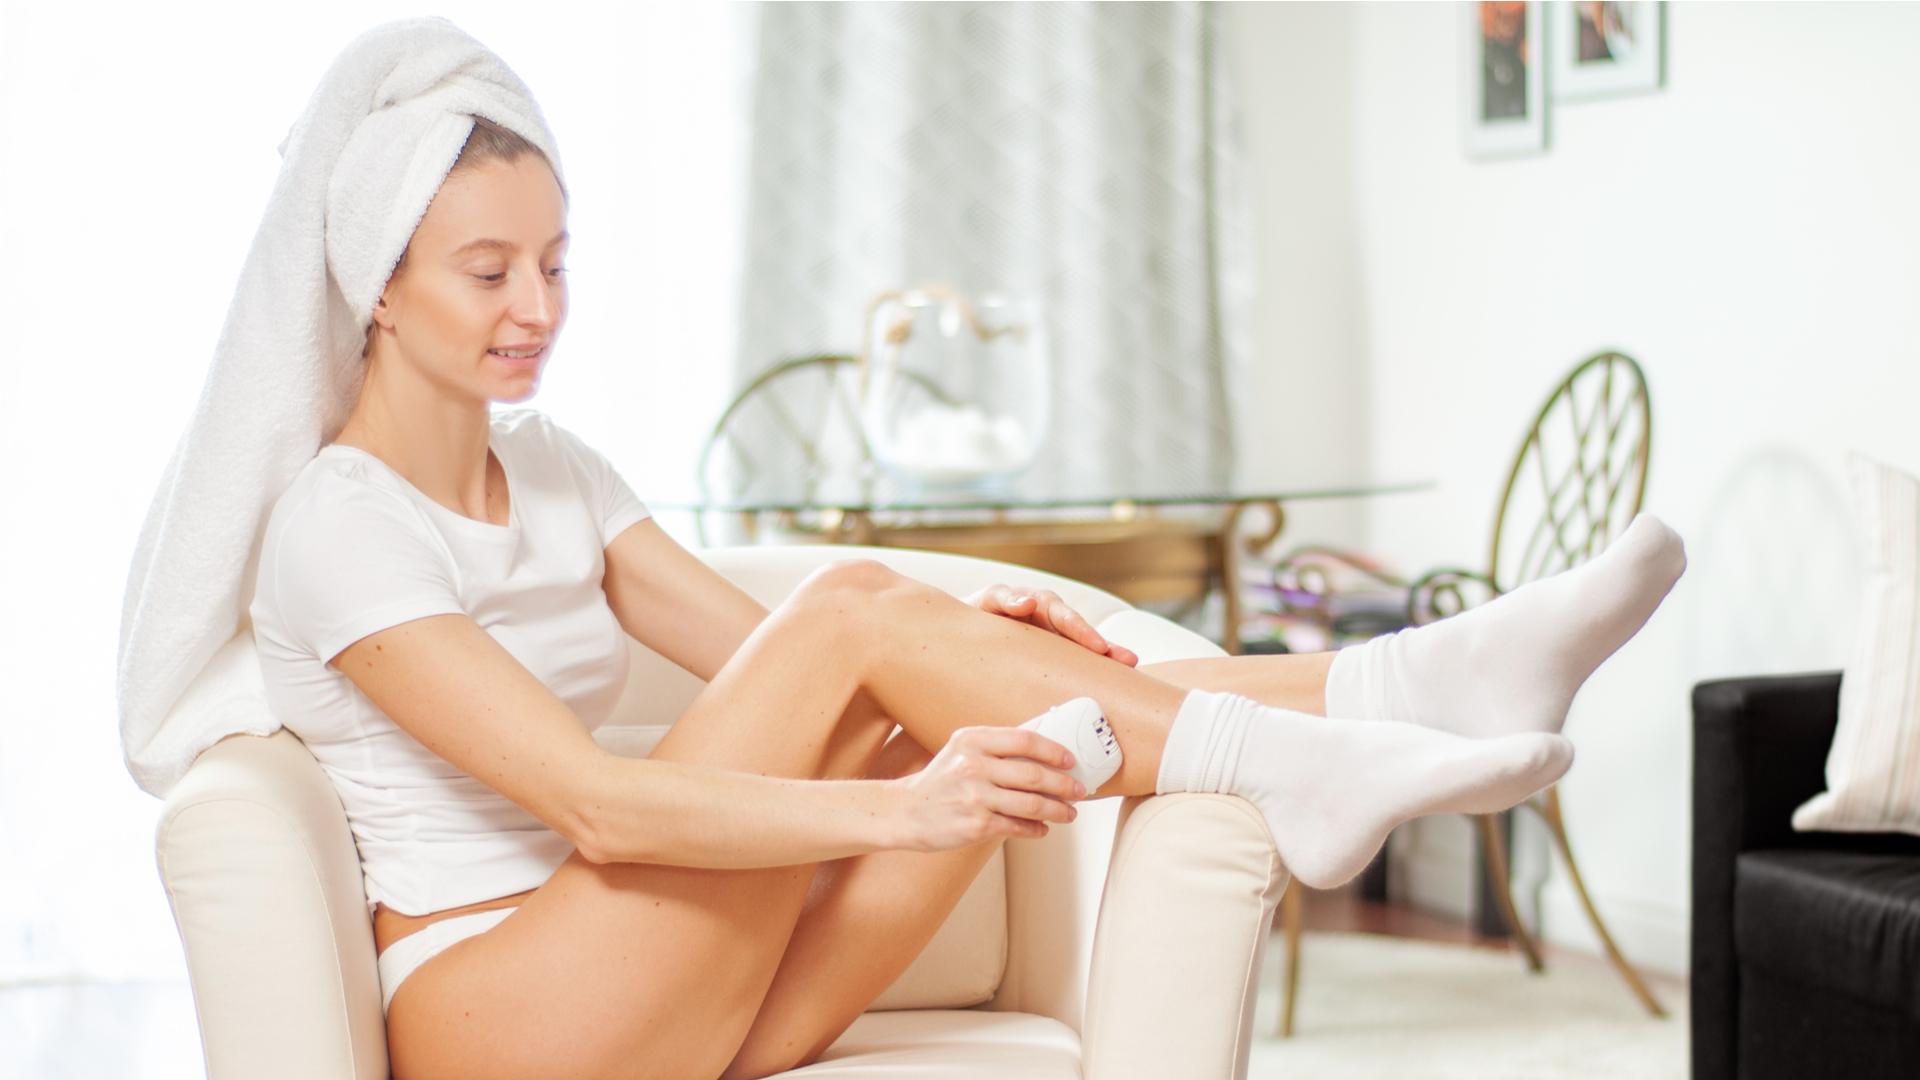 5 sposobów na skuteczną depilację w domu